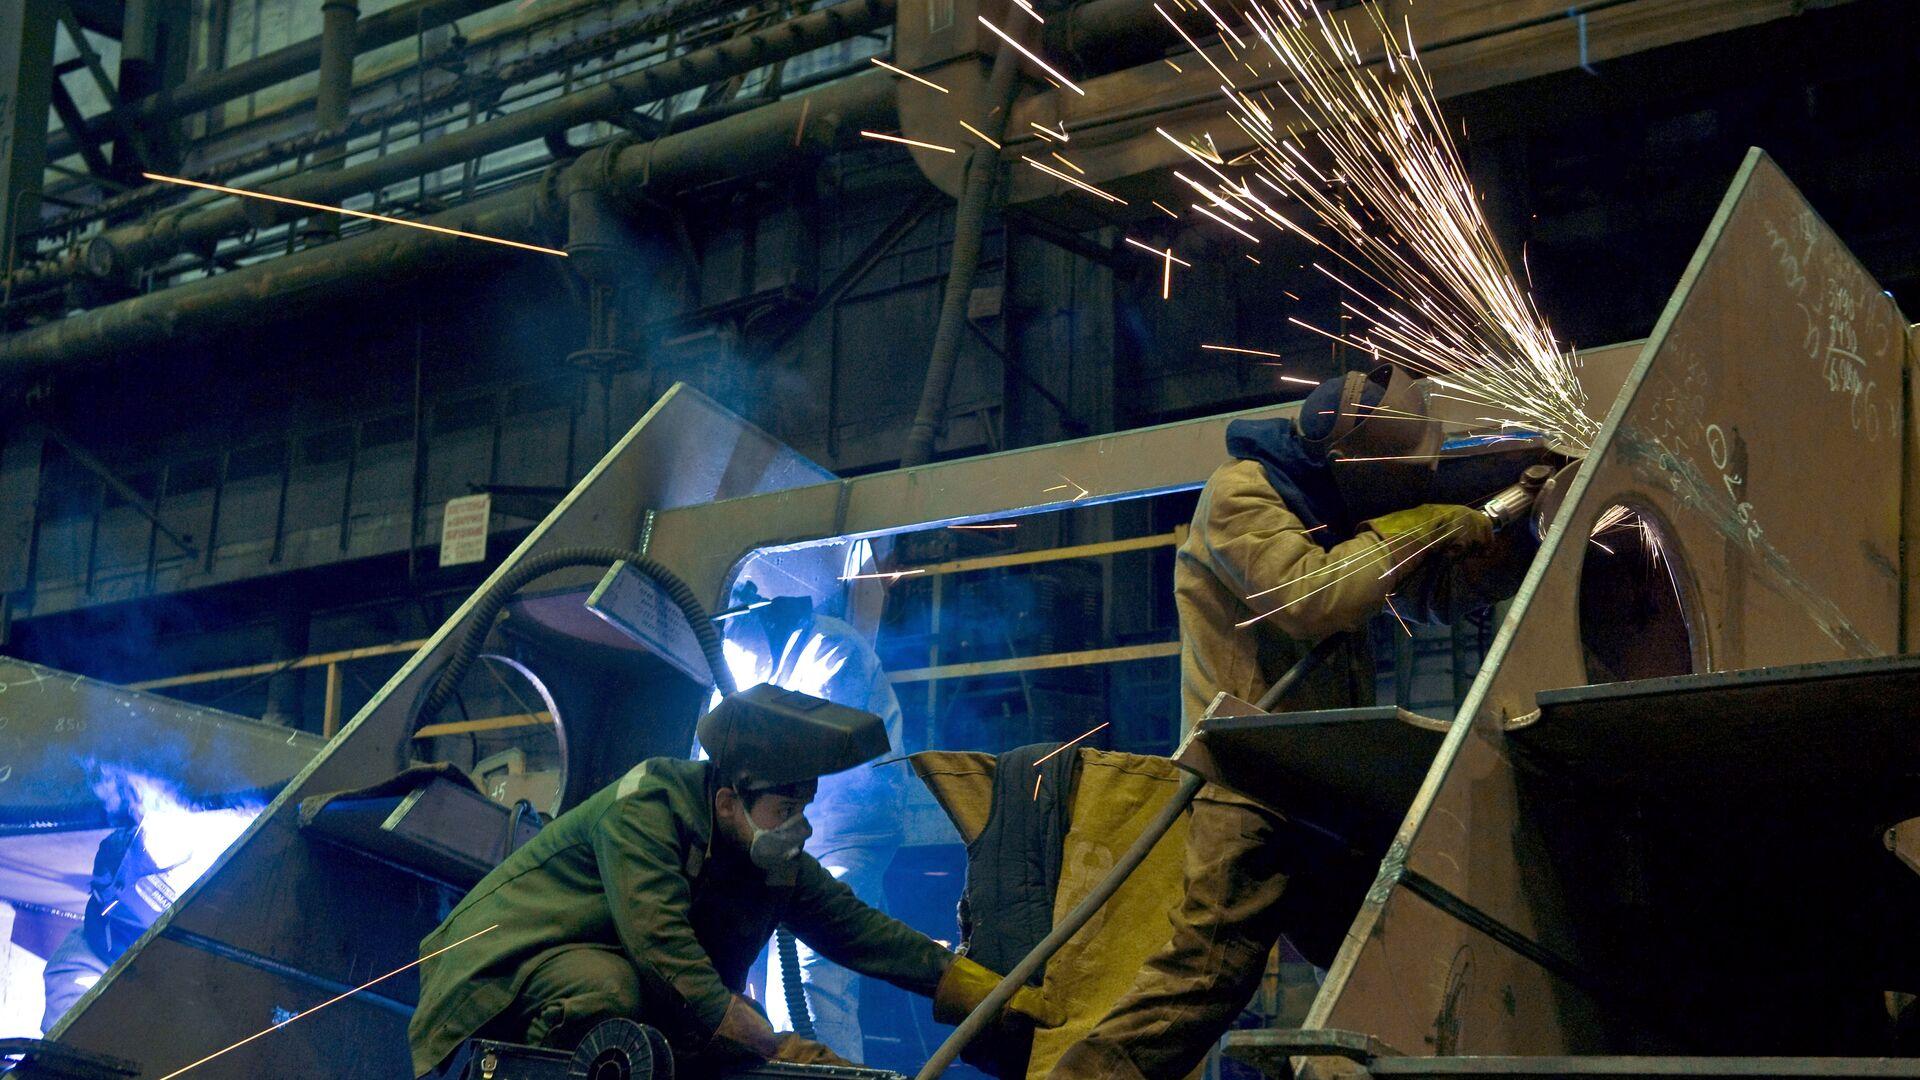 Рабочие в одном из цехов производственного объединения Северное машиностроительное предприятие в Северодвинске - РИА Новости, 1920, 19.01.2021